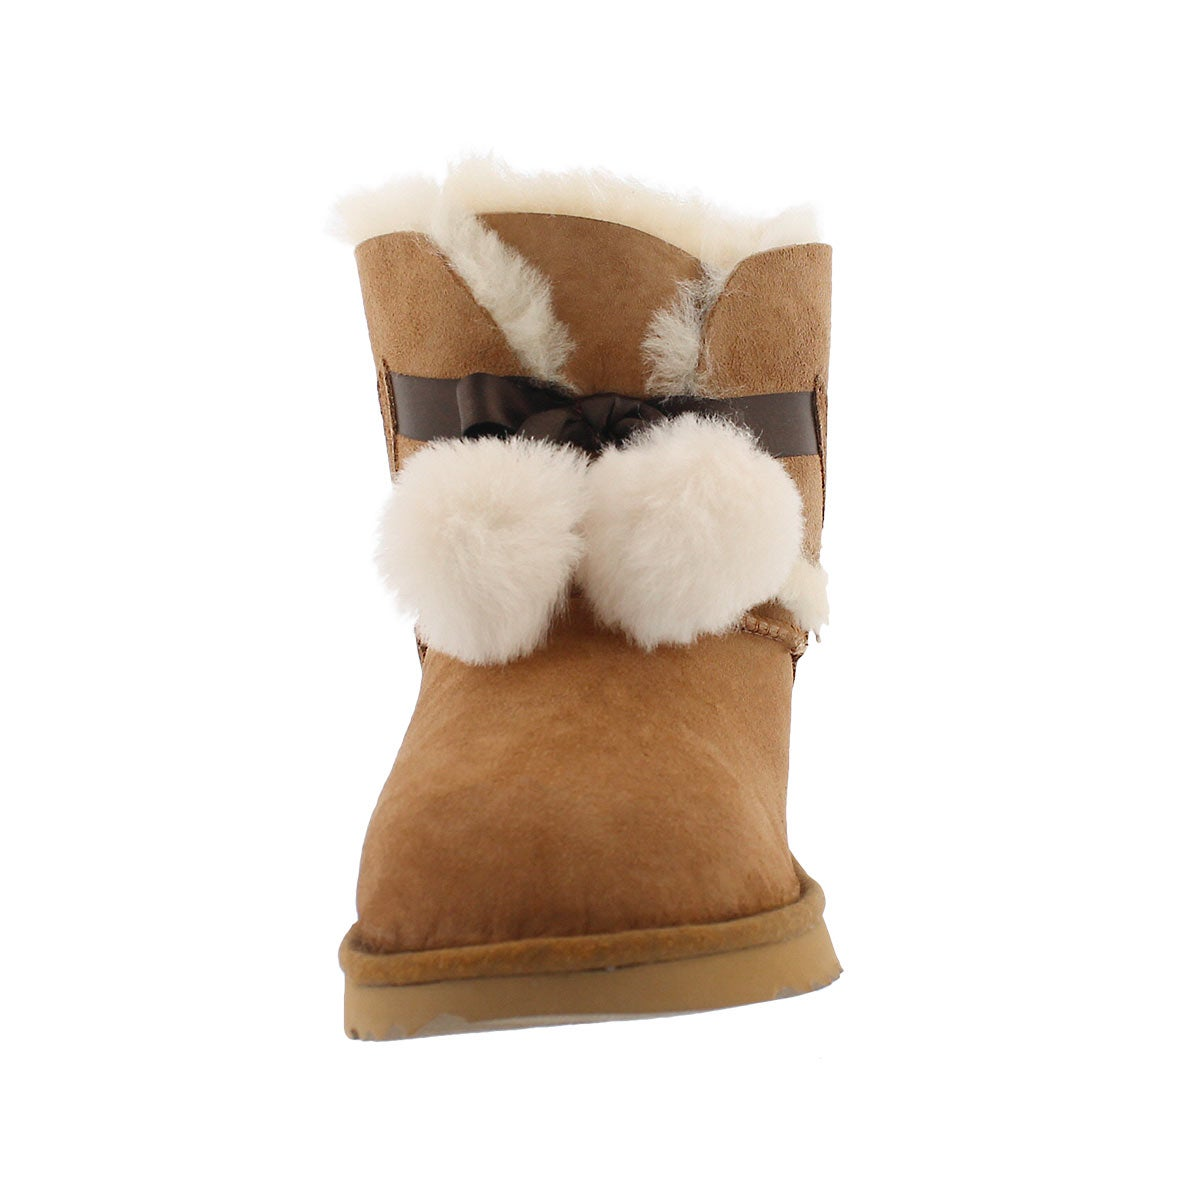 Grls Gita ches pom pom sheepskin boot